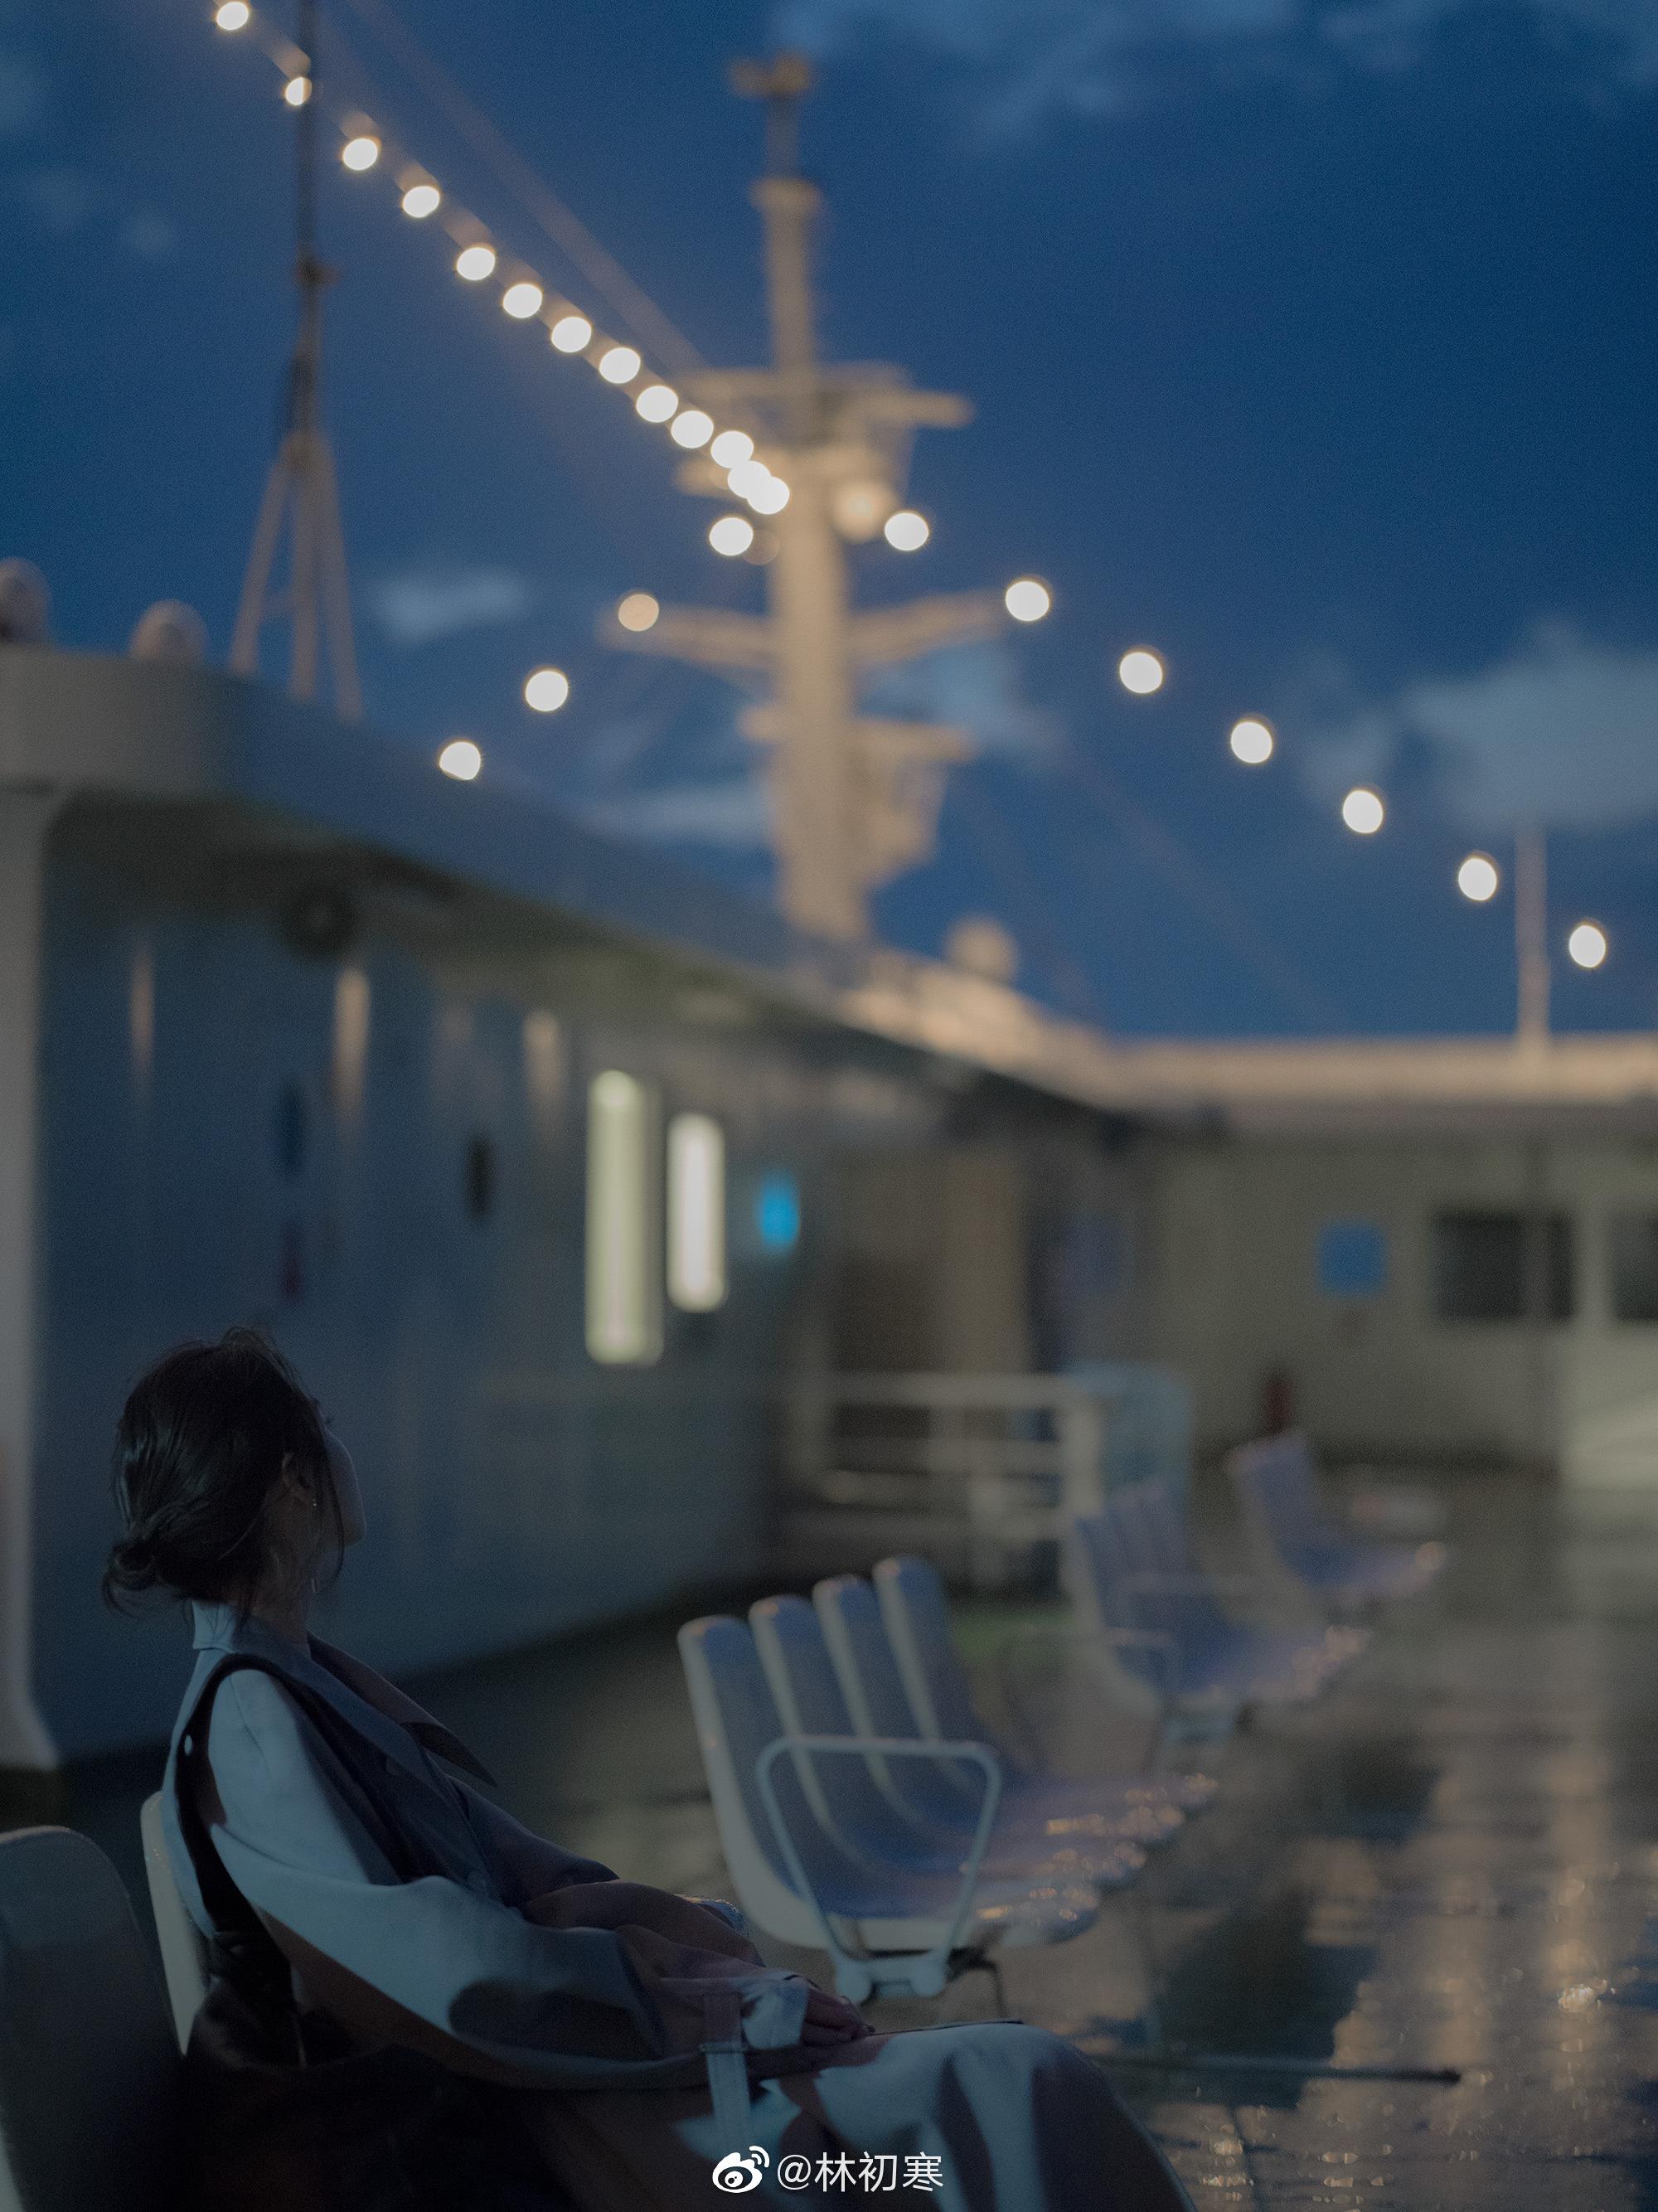 雨后的夜色 | 轮船 | 常存 | 四国林初寒